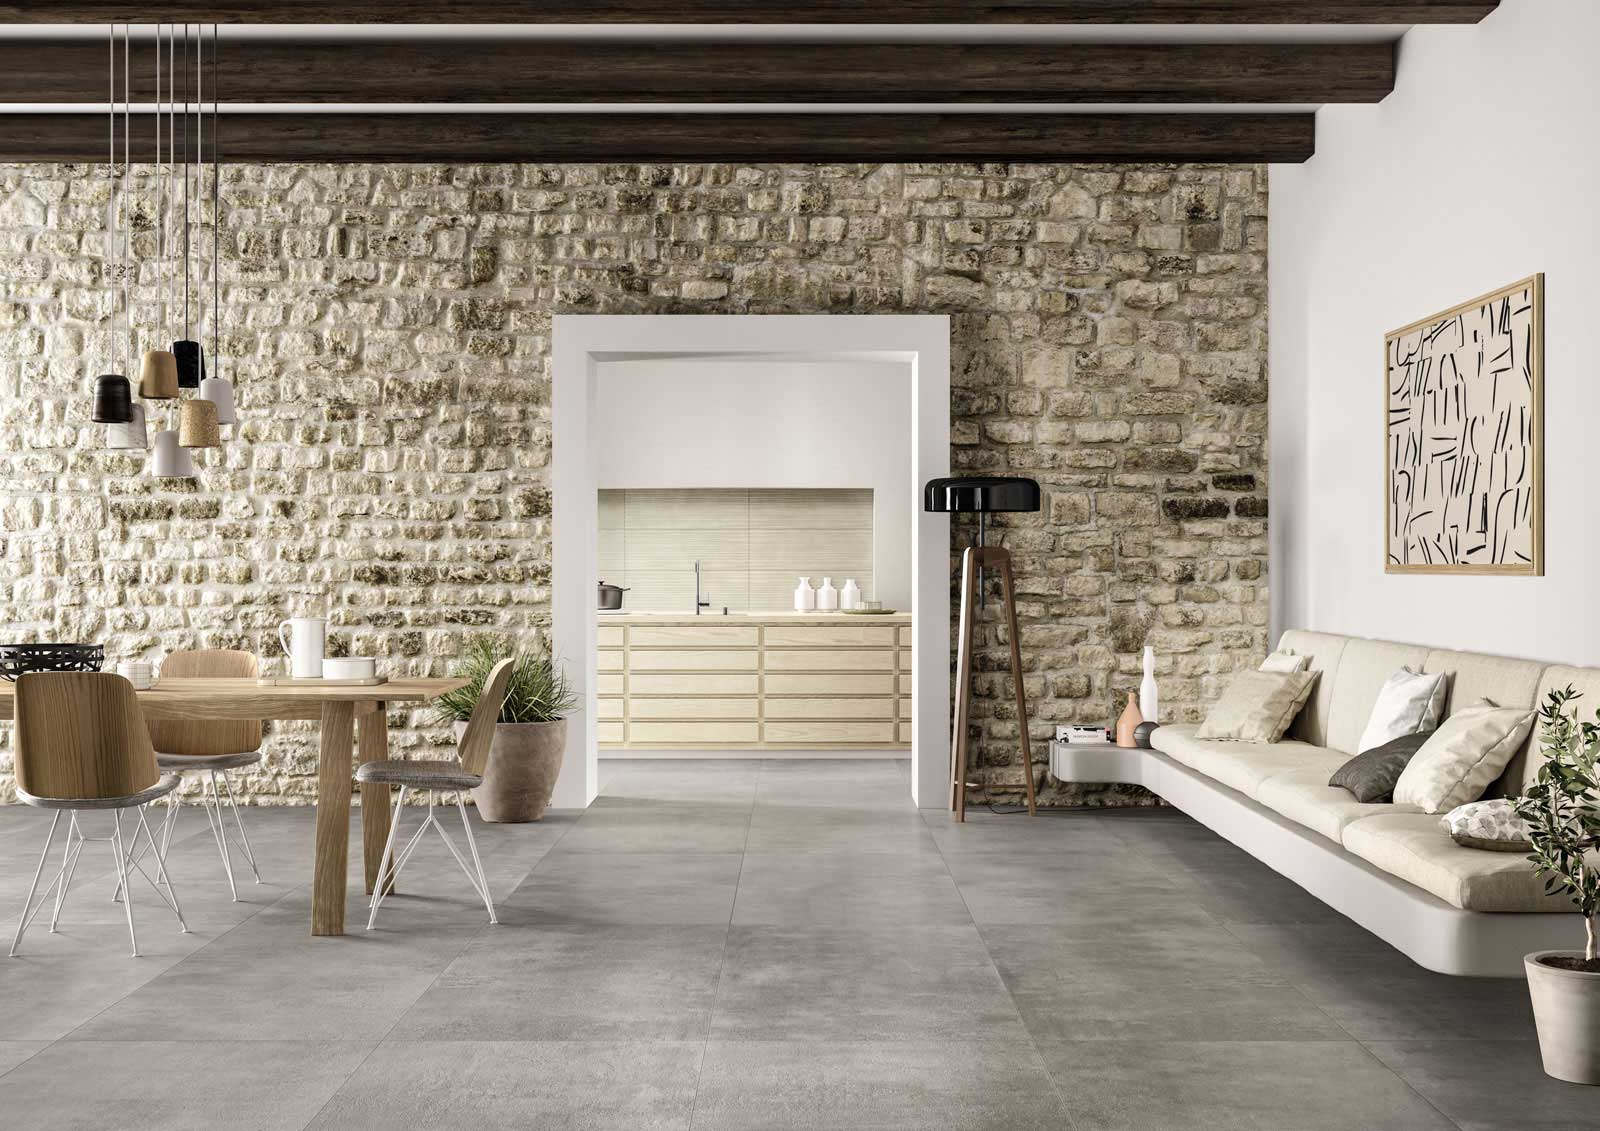 Piastrelle per salotto ispirazione per l 39 arredo marazzi for Piastrelle per interno piscina